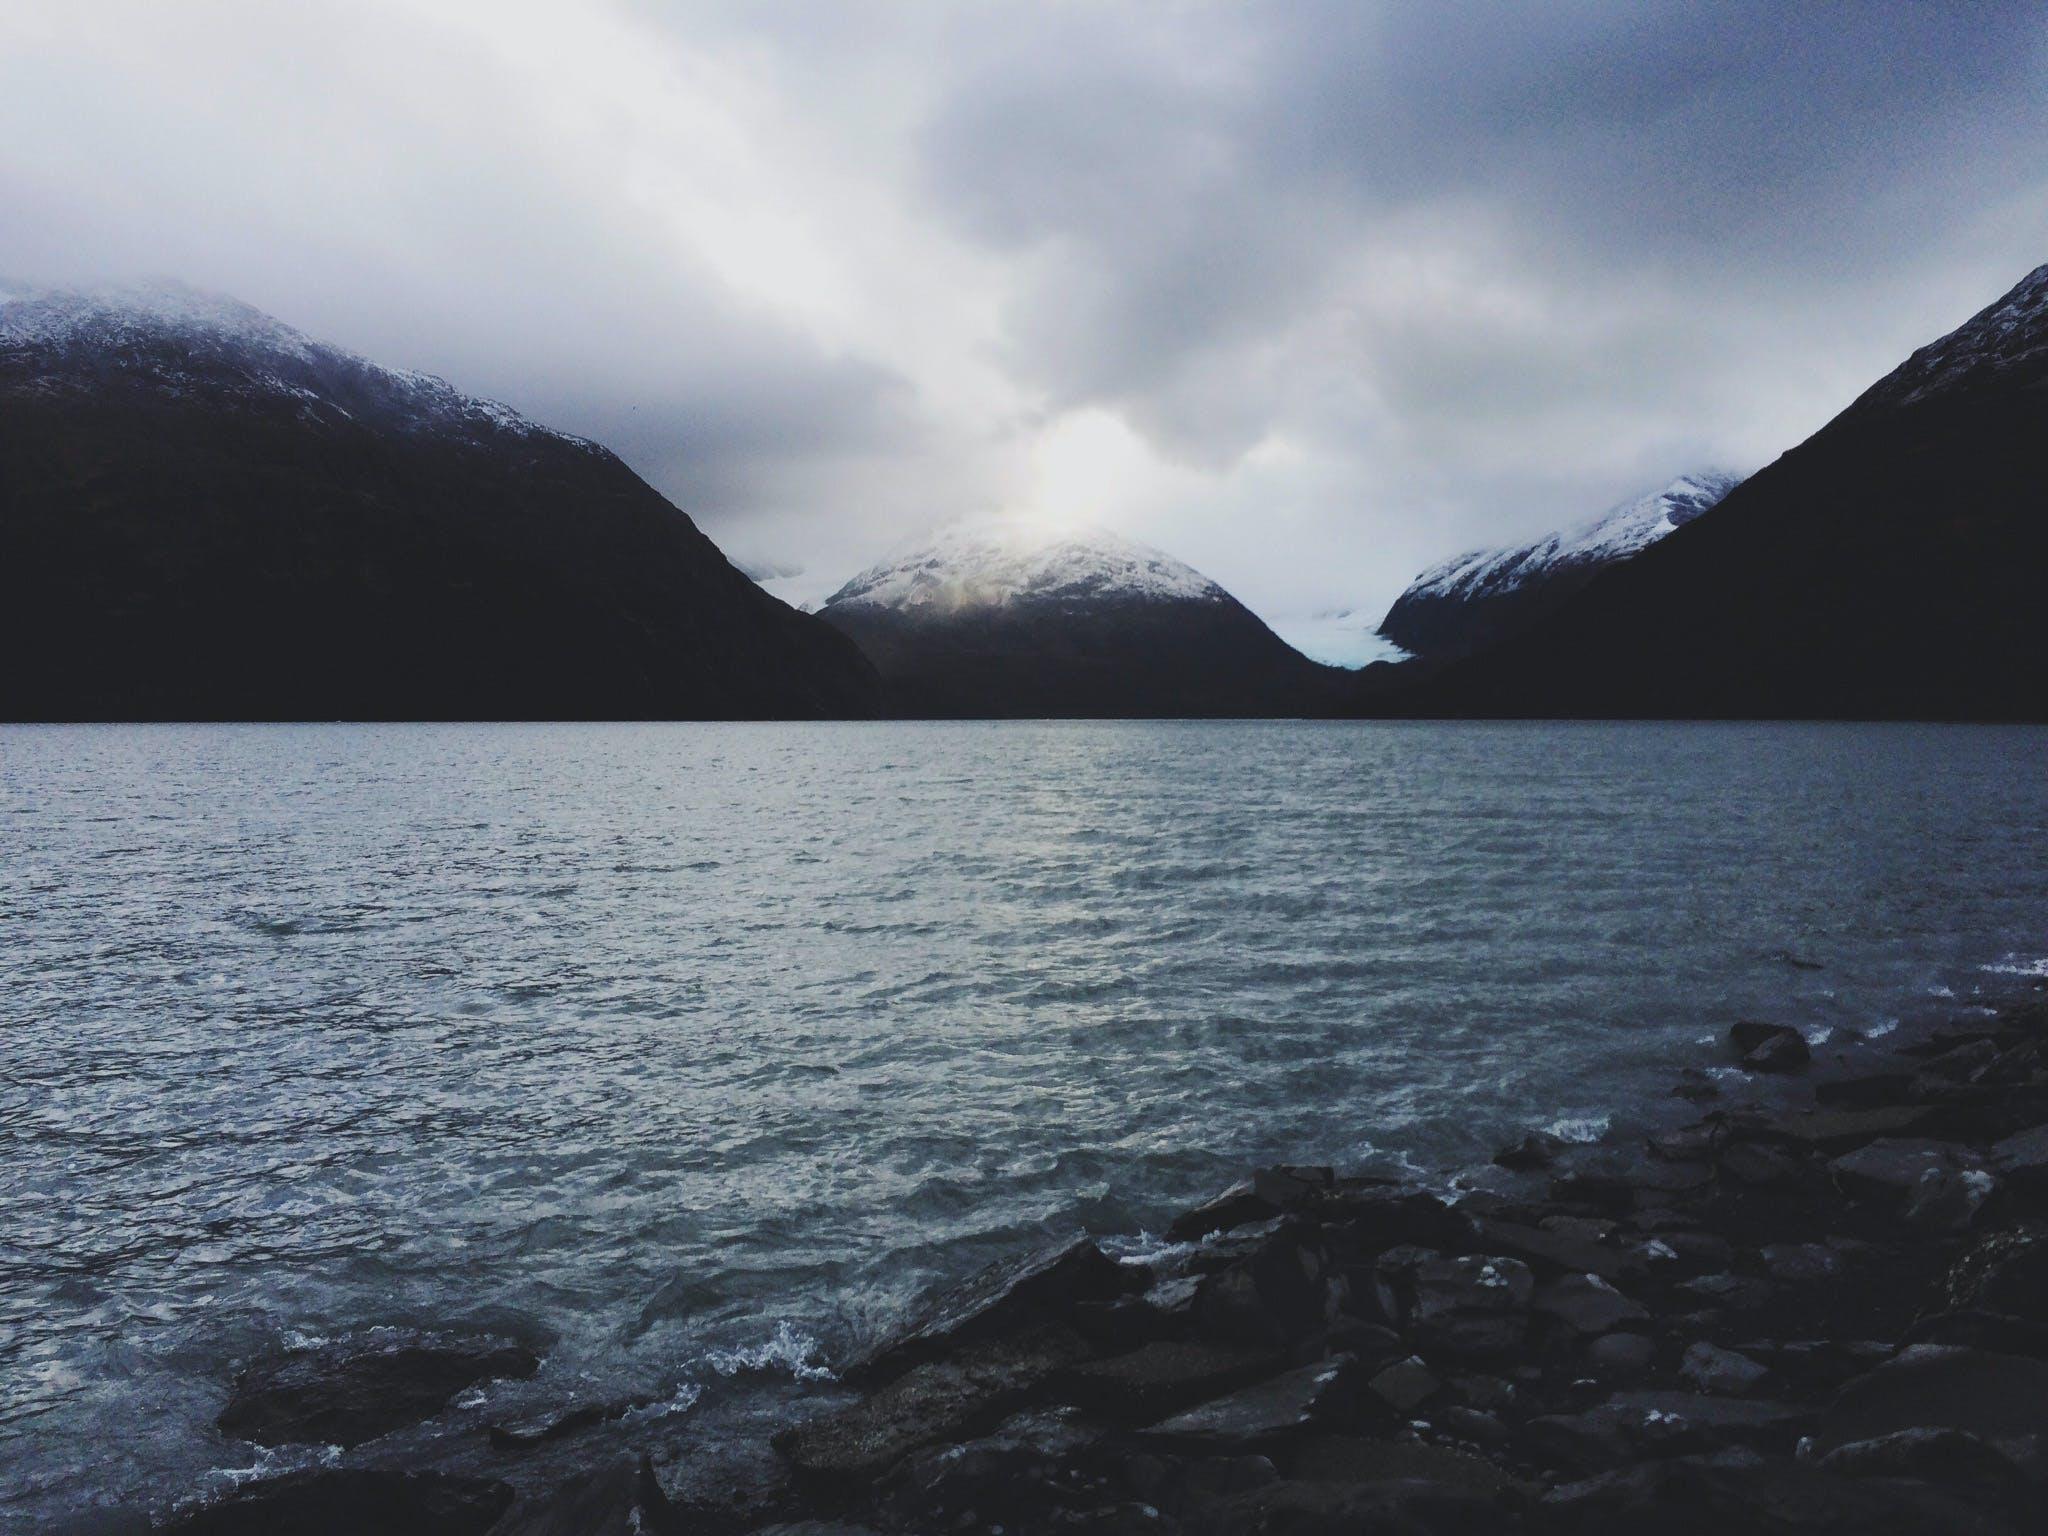 dark, gloomy, lake